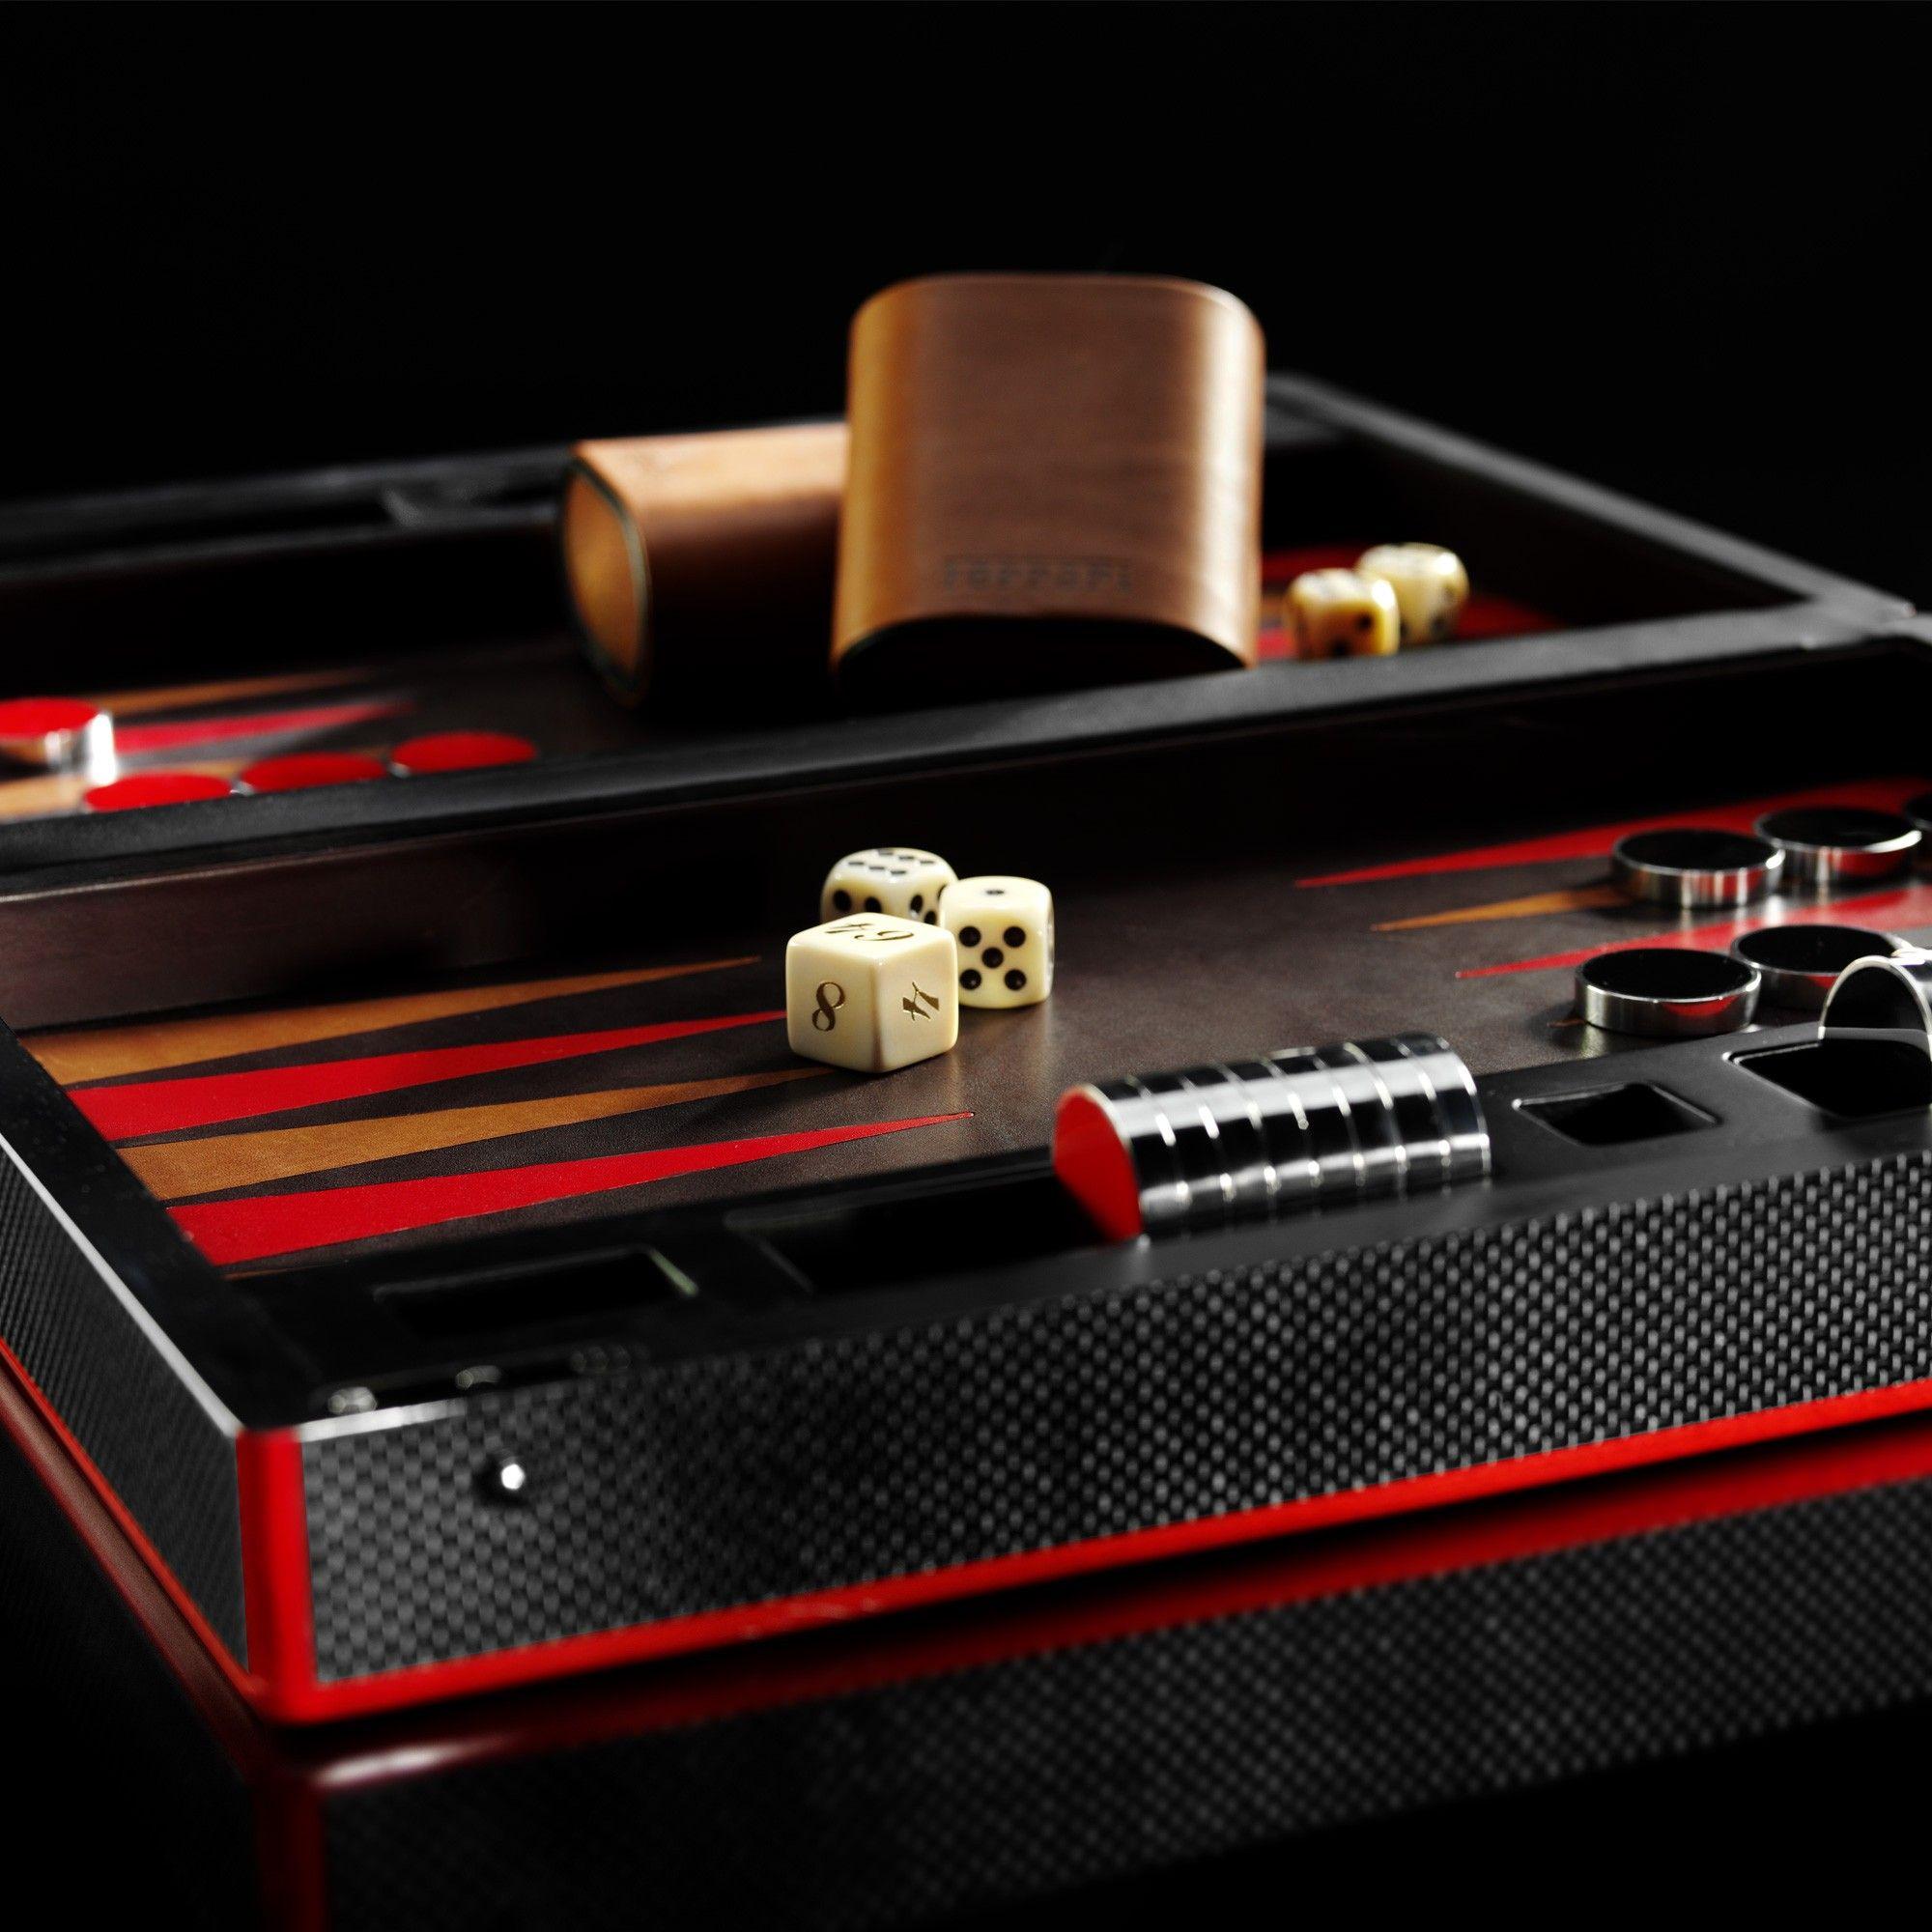 Ferrari Store Carbon fibre backgammon set. Shopping